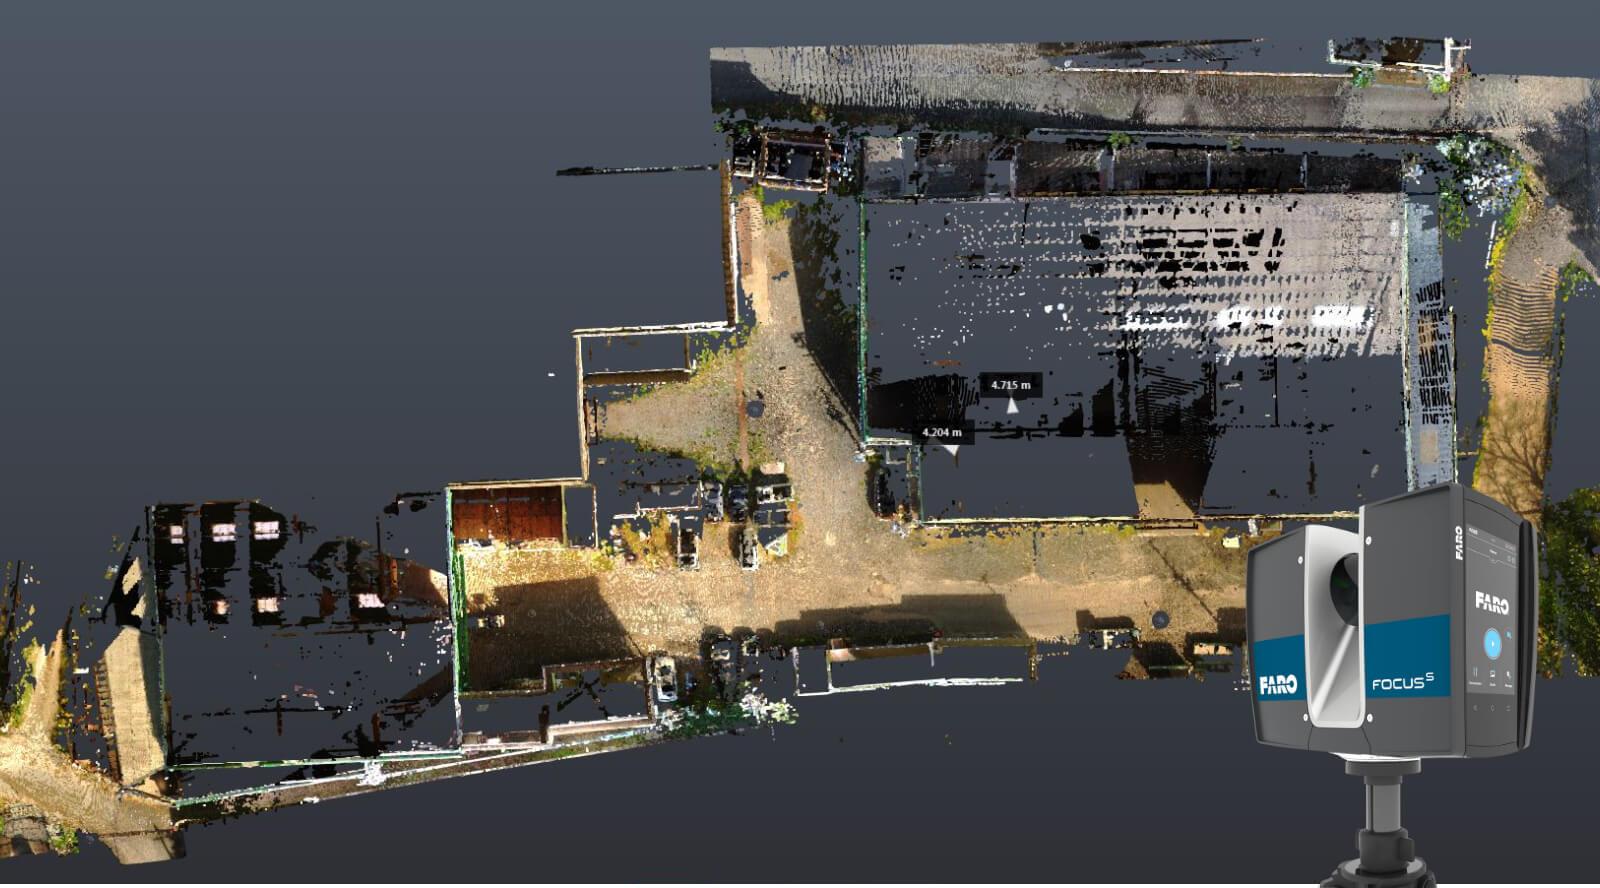 広い工場でも短時間の作業で3Dデータを撮ることができます。